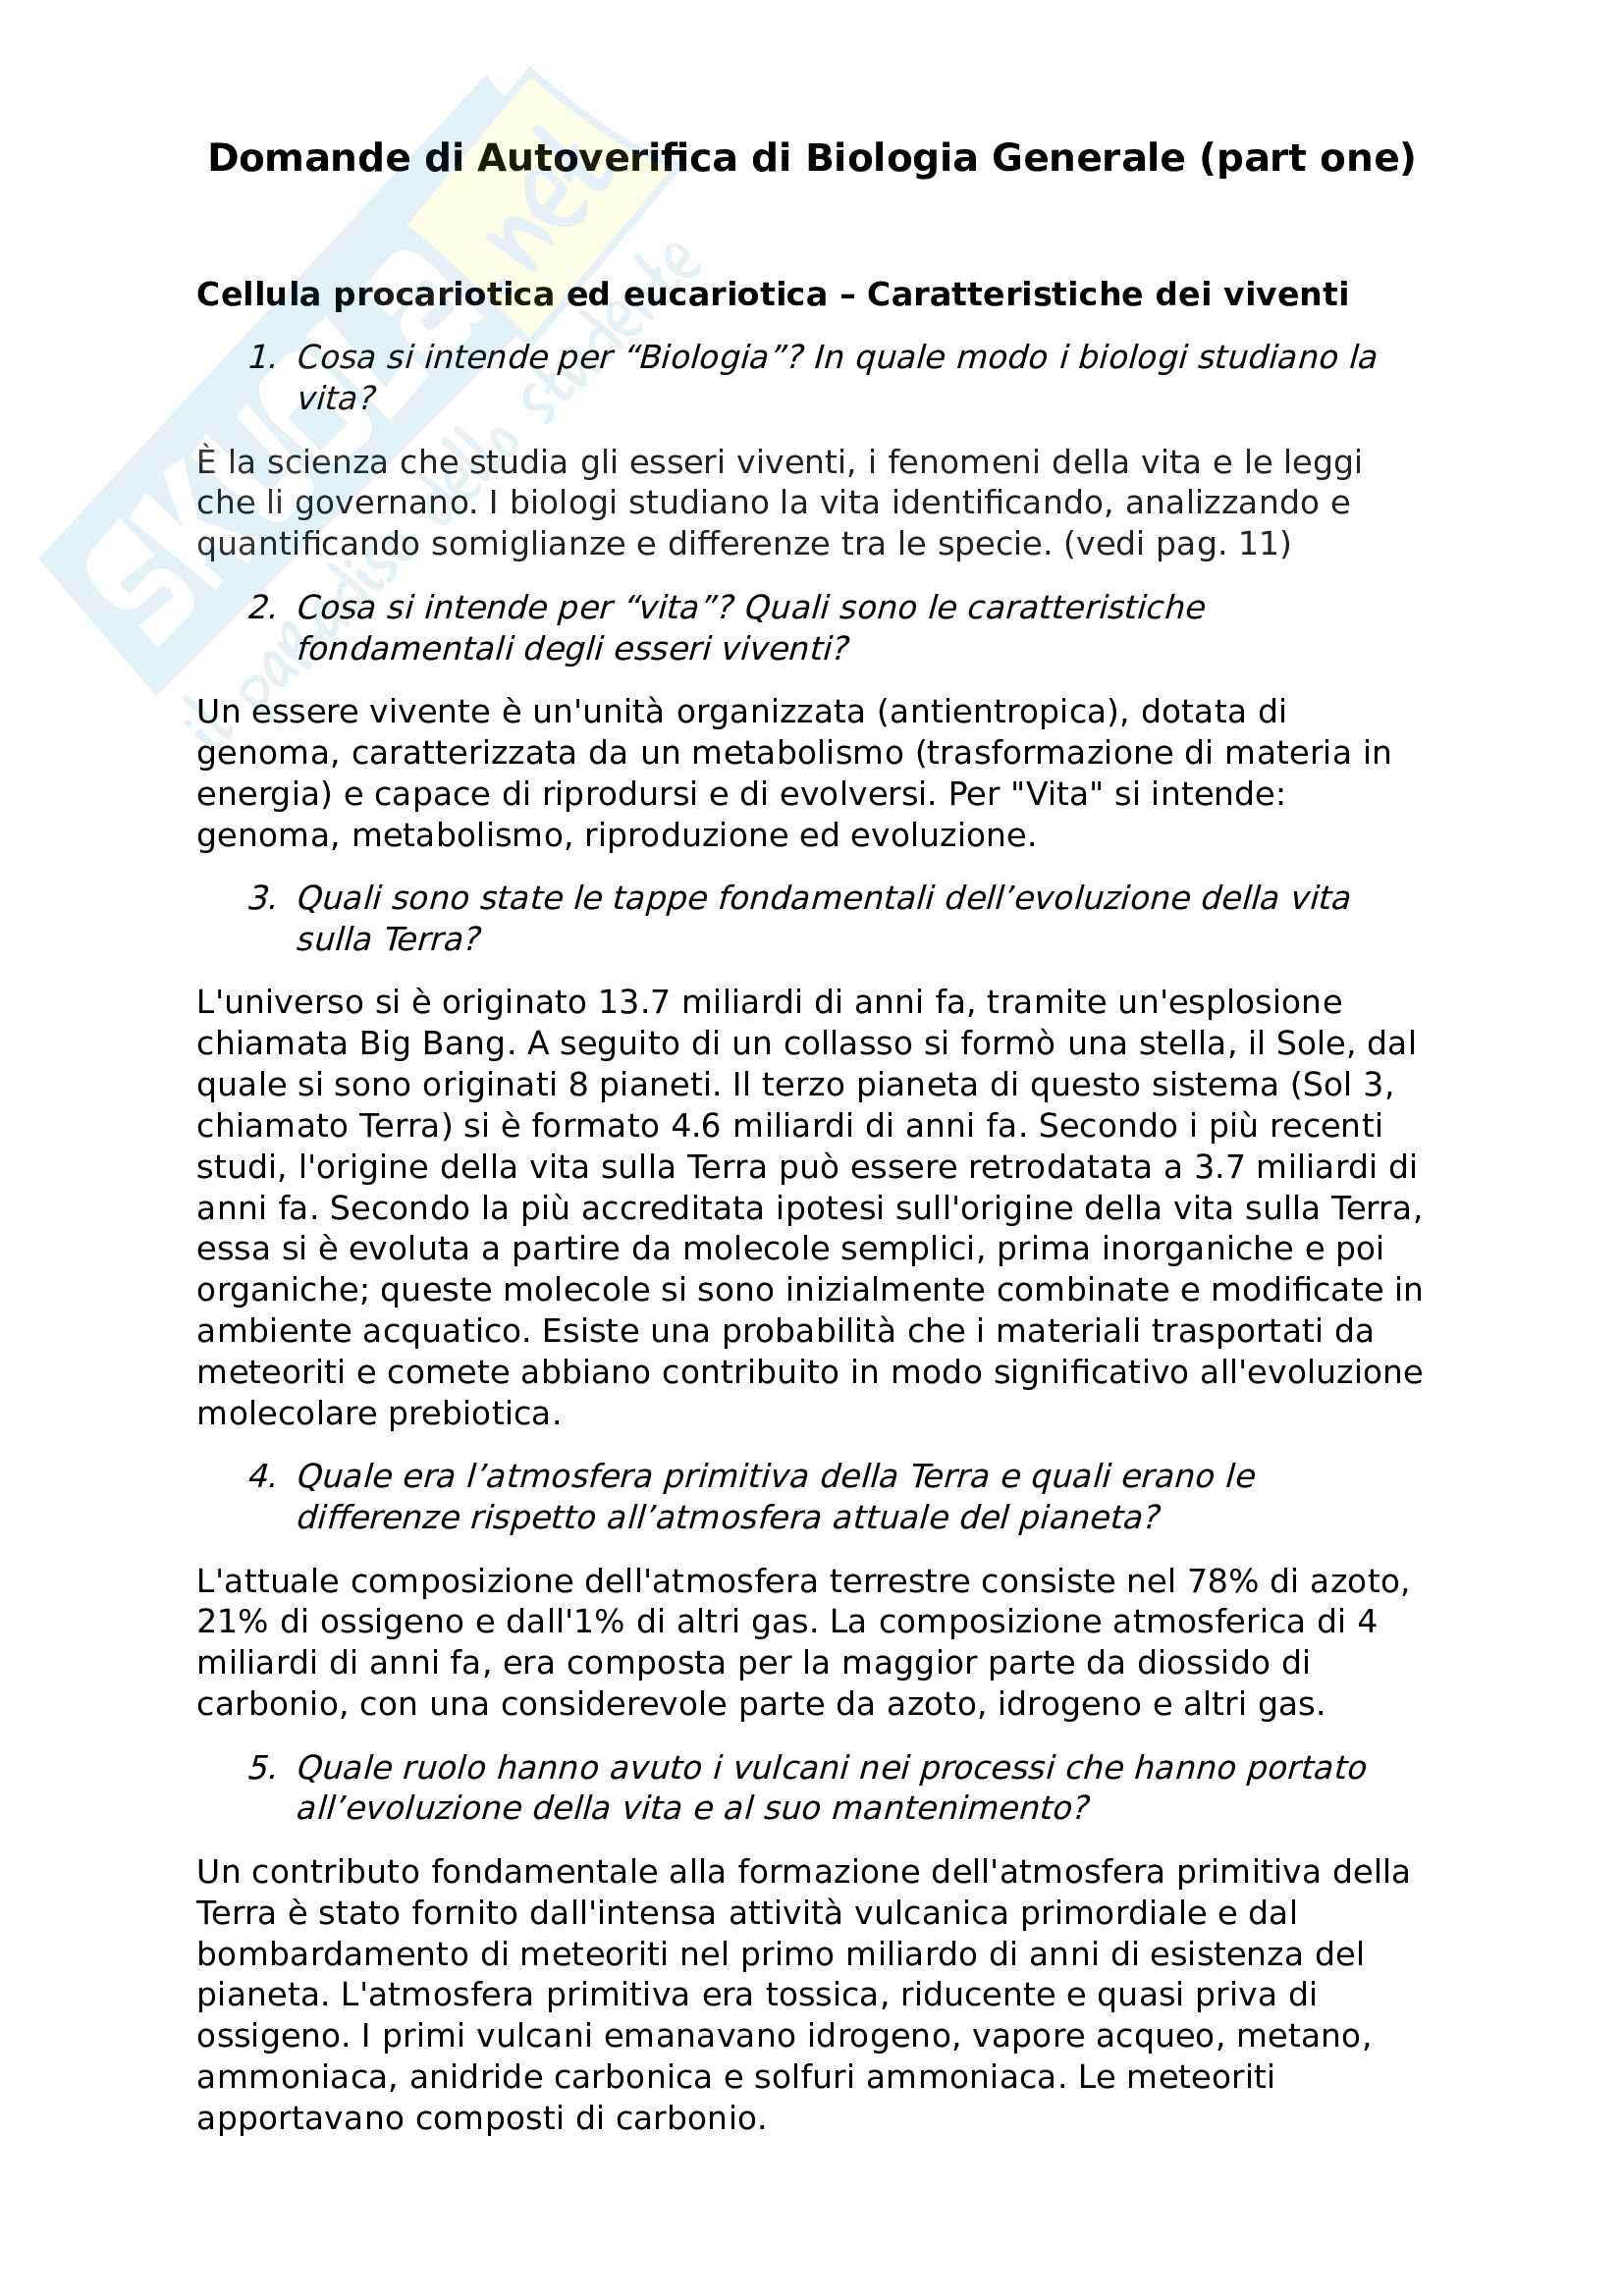 Risposte a Domande di Autovalutazione di Biologia Generale - Parte 1